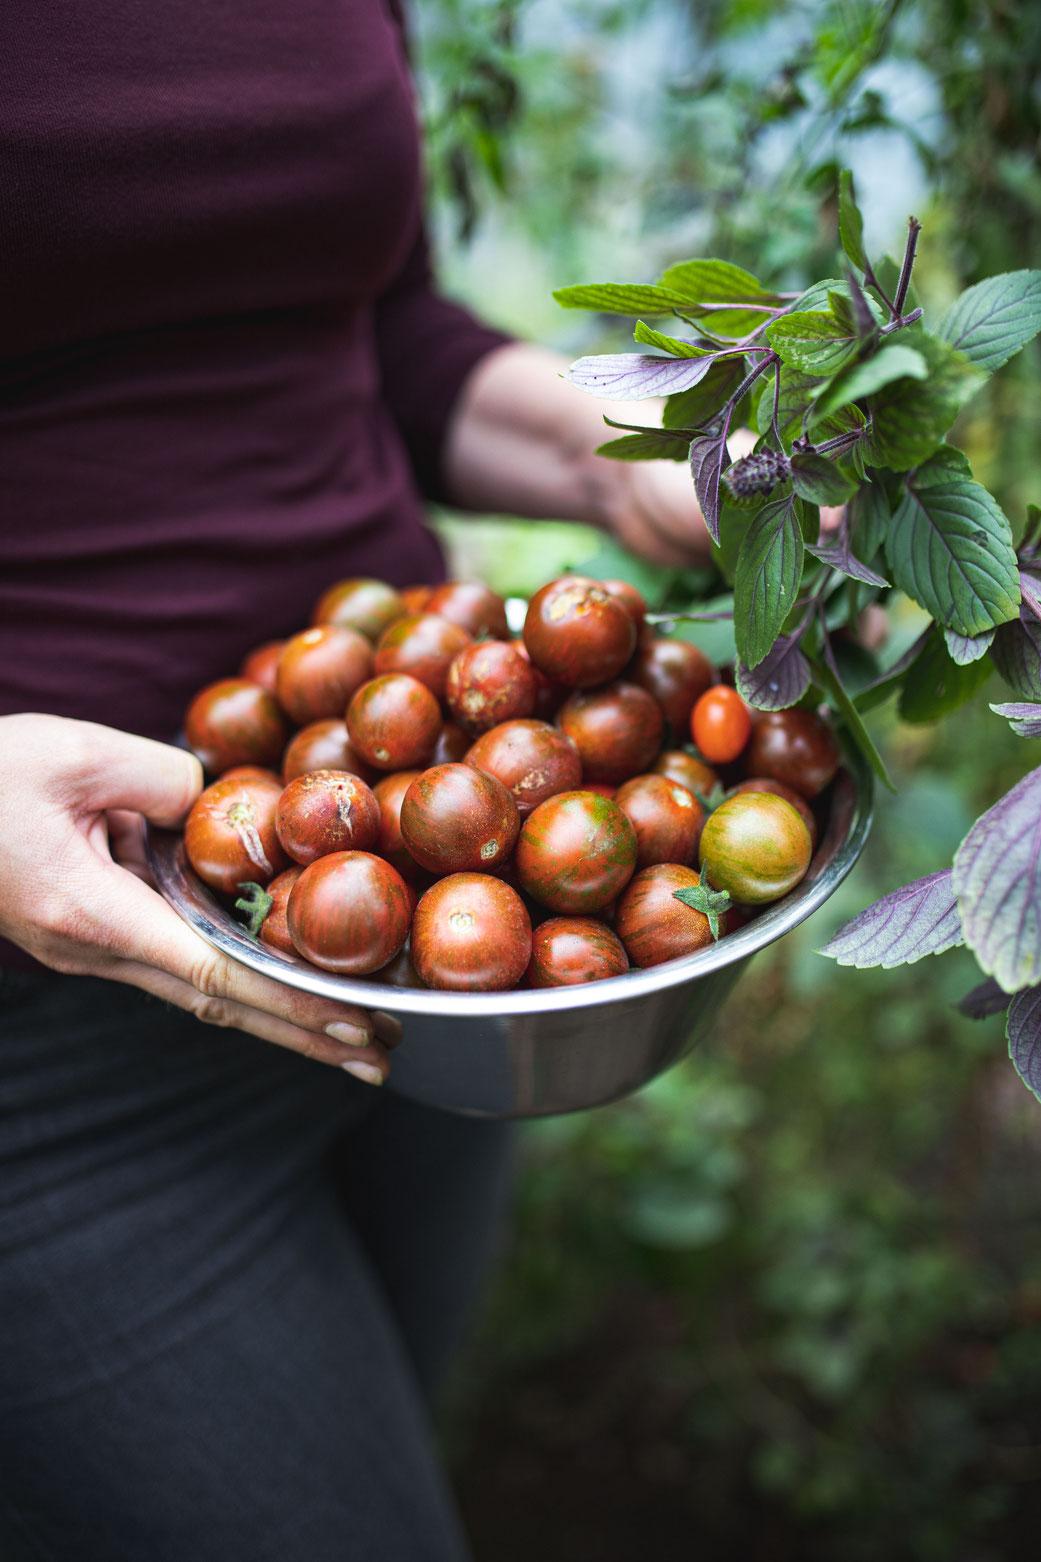 In diesen Tomaten steckt ein ganzer Sommer